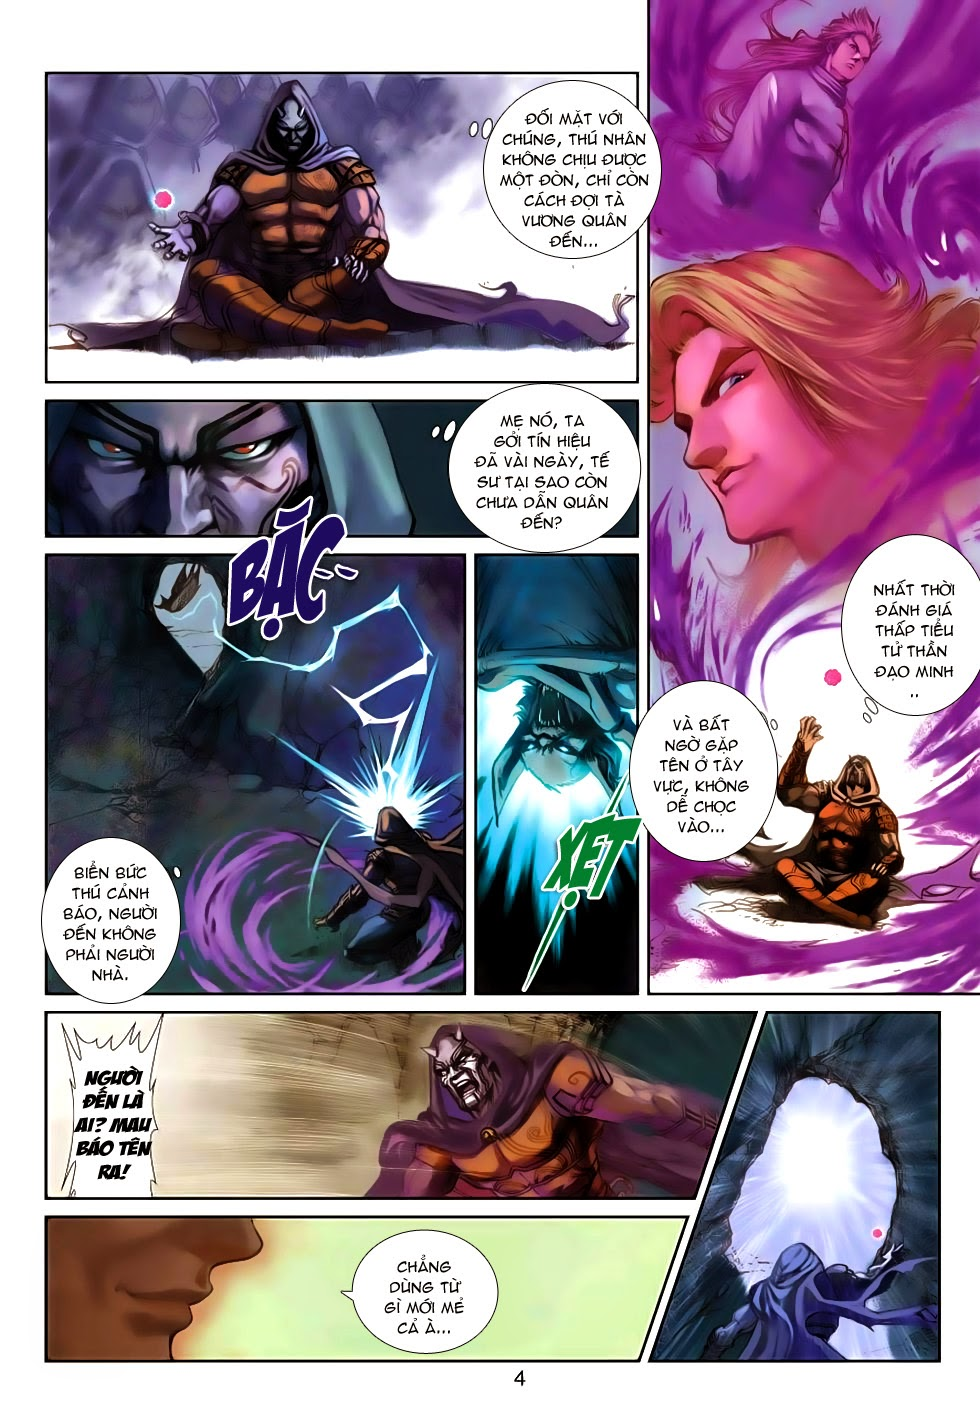 Thần Binh Tiền Truyện 4 - Huyền Thiên Tà Đế chap 5 - Trang 4